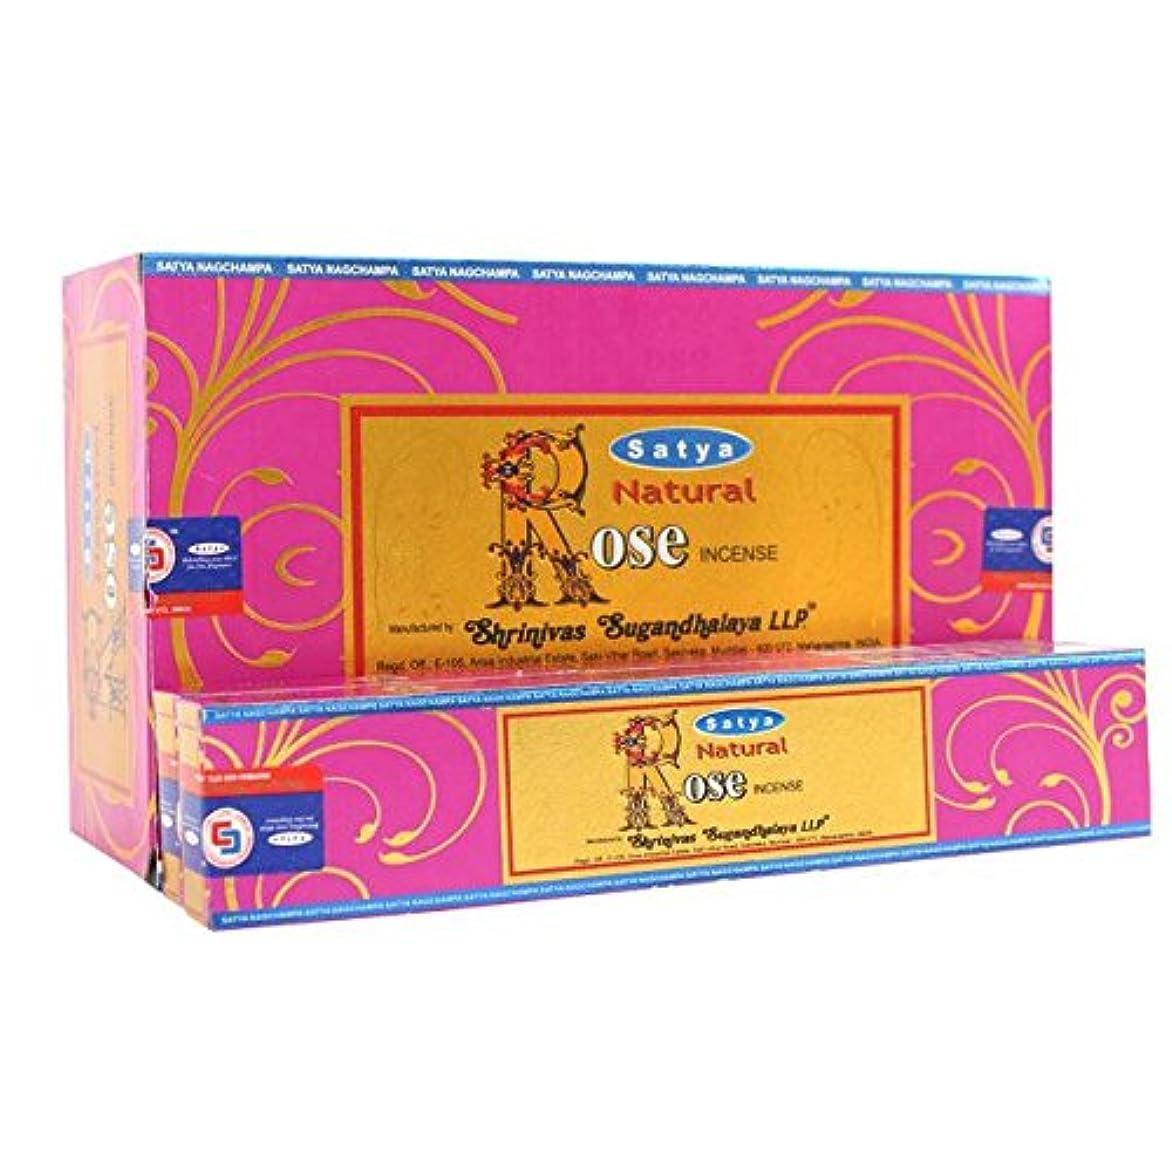 定義保安立ち向かうBox Of 12 Packs Of Natural Rose Incense Sticks By Satya